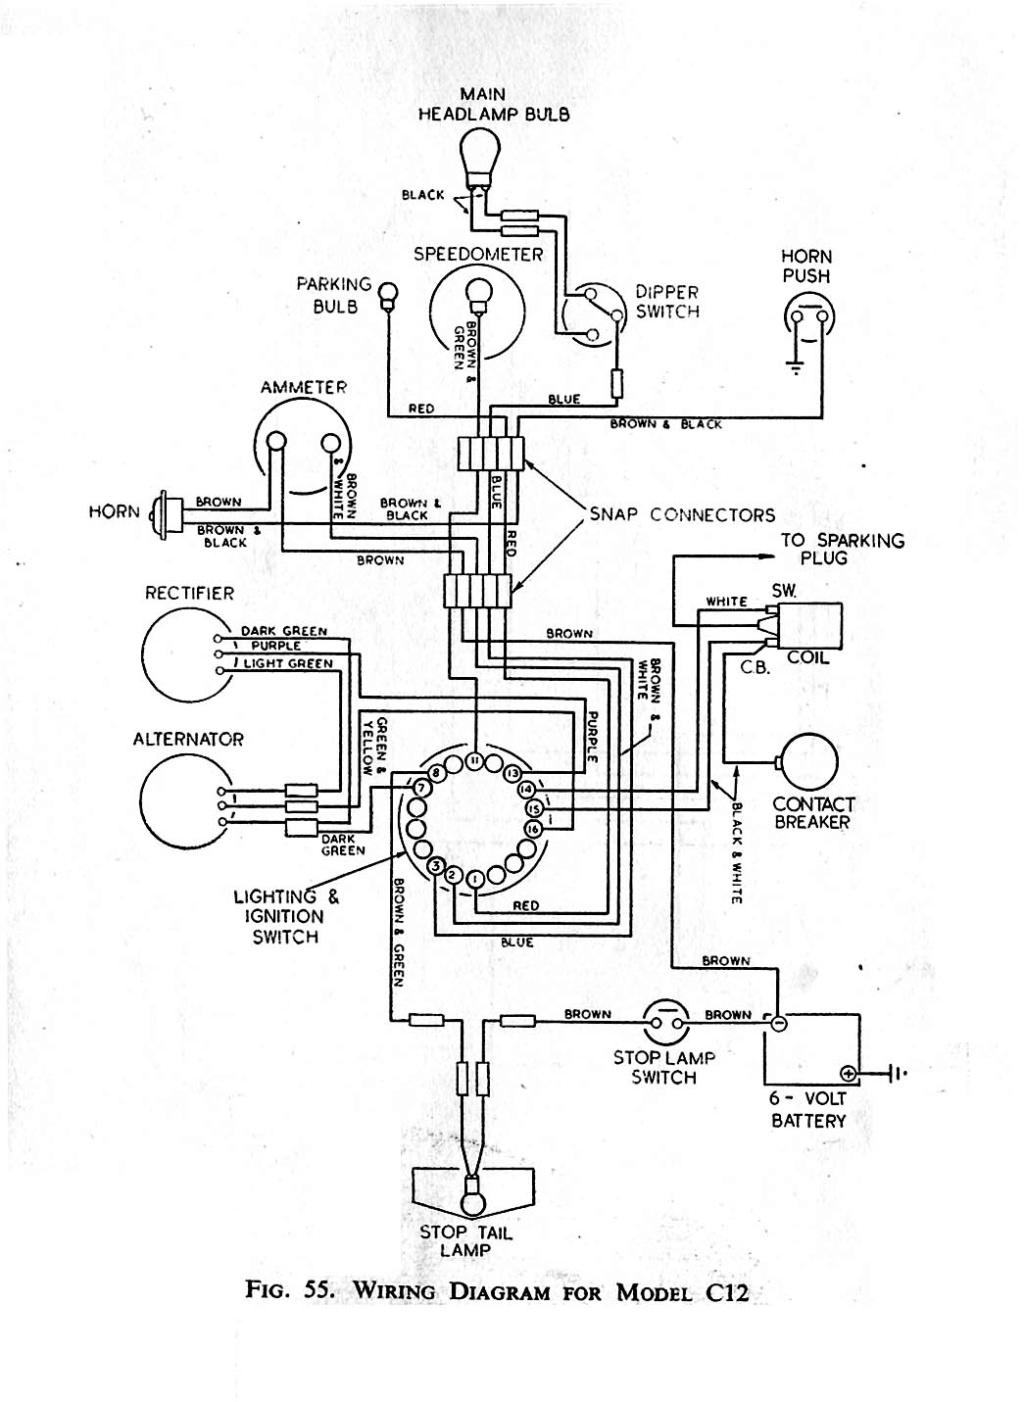 Régulateur C12 pas régulier  Schzom10